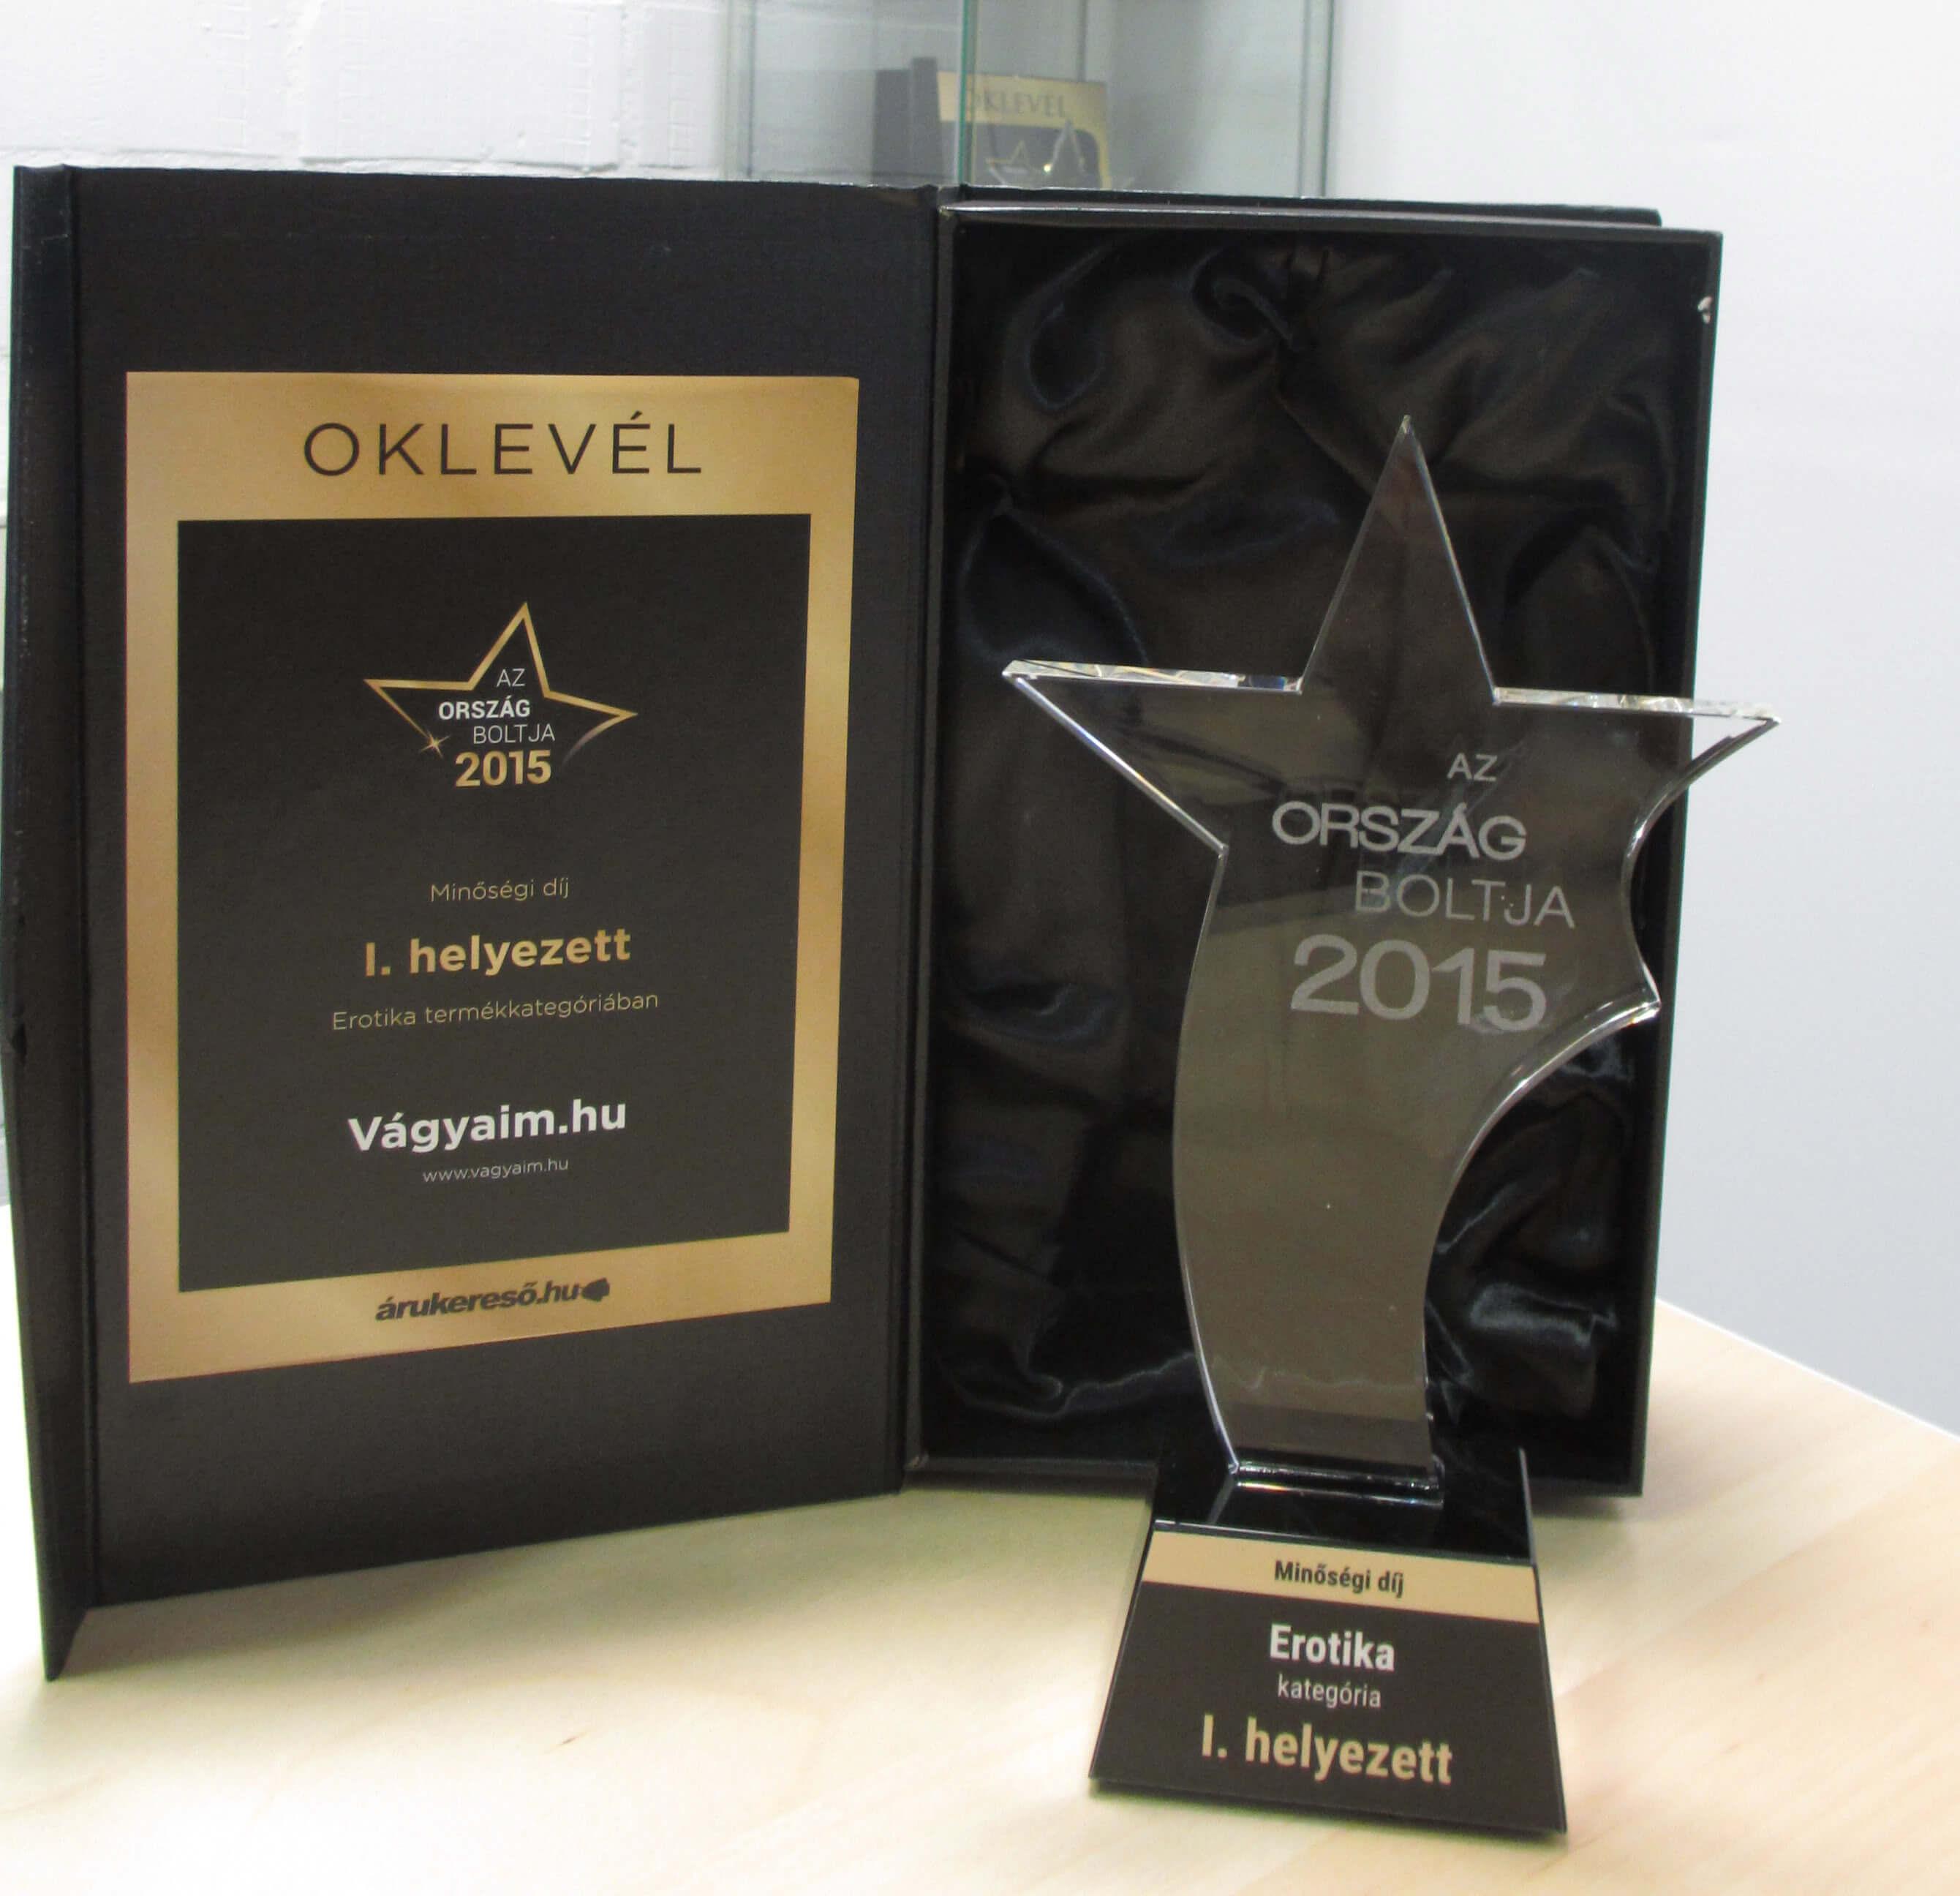 2015 Minőségi díj - Az Ország Boltja